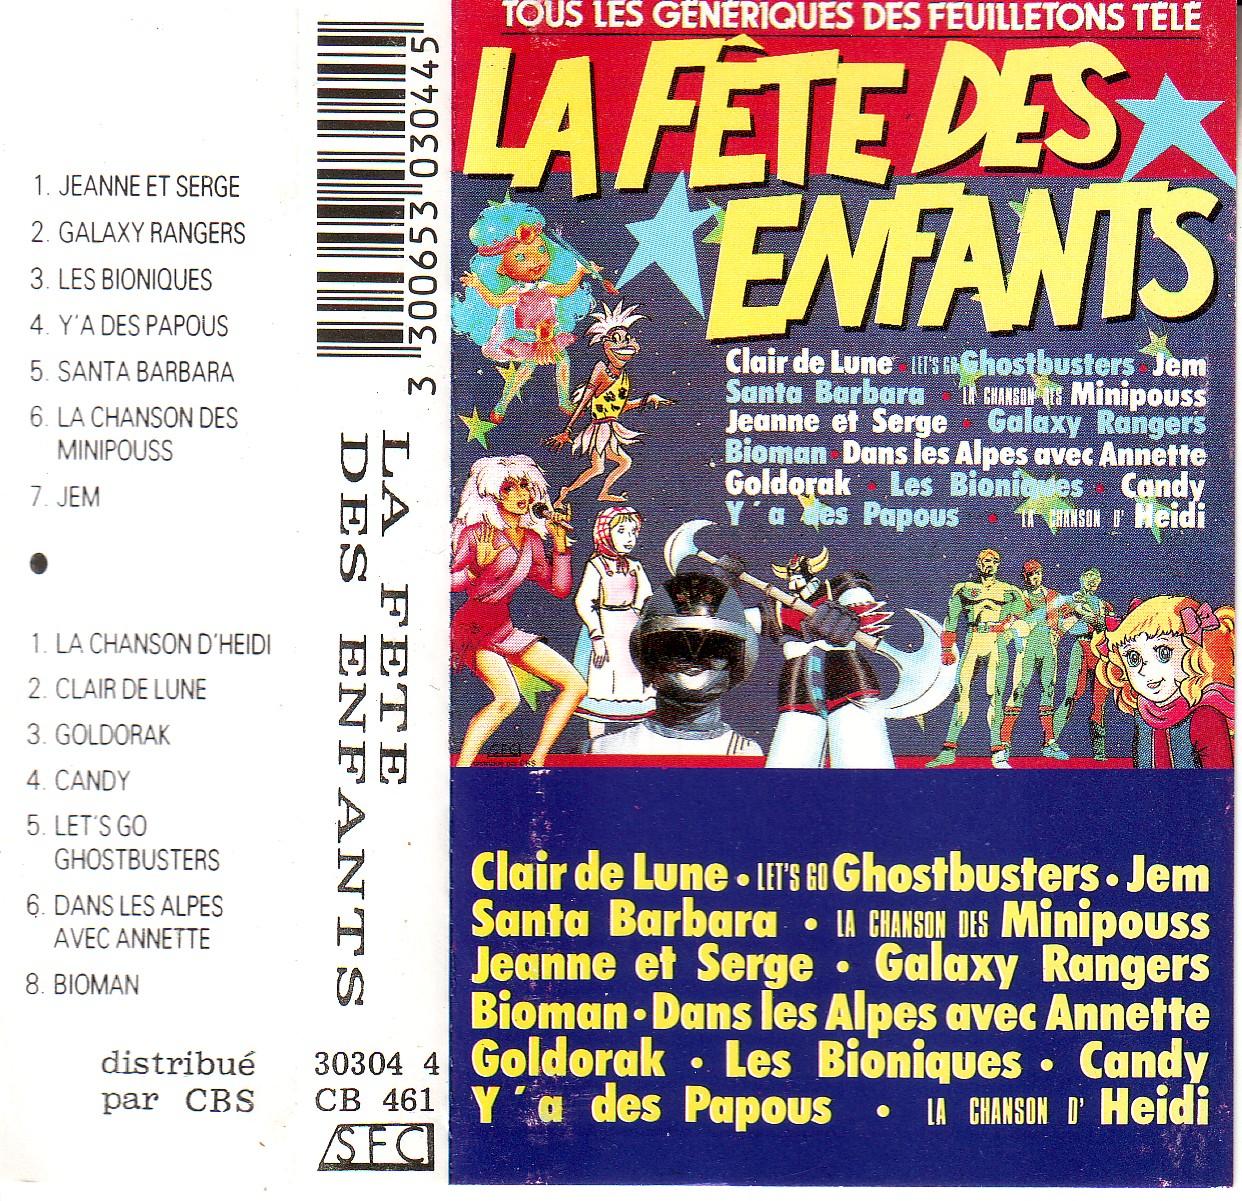 Dorothée et AB Productions Lafetedesenfantsnew